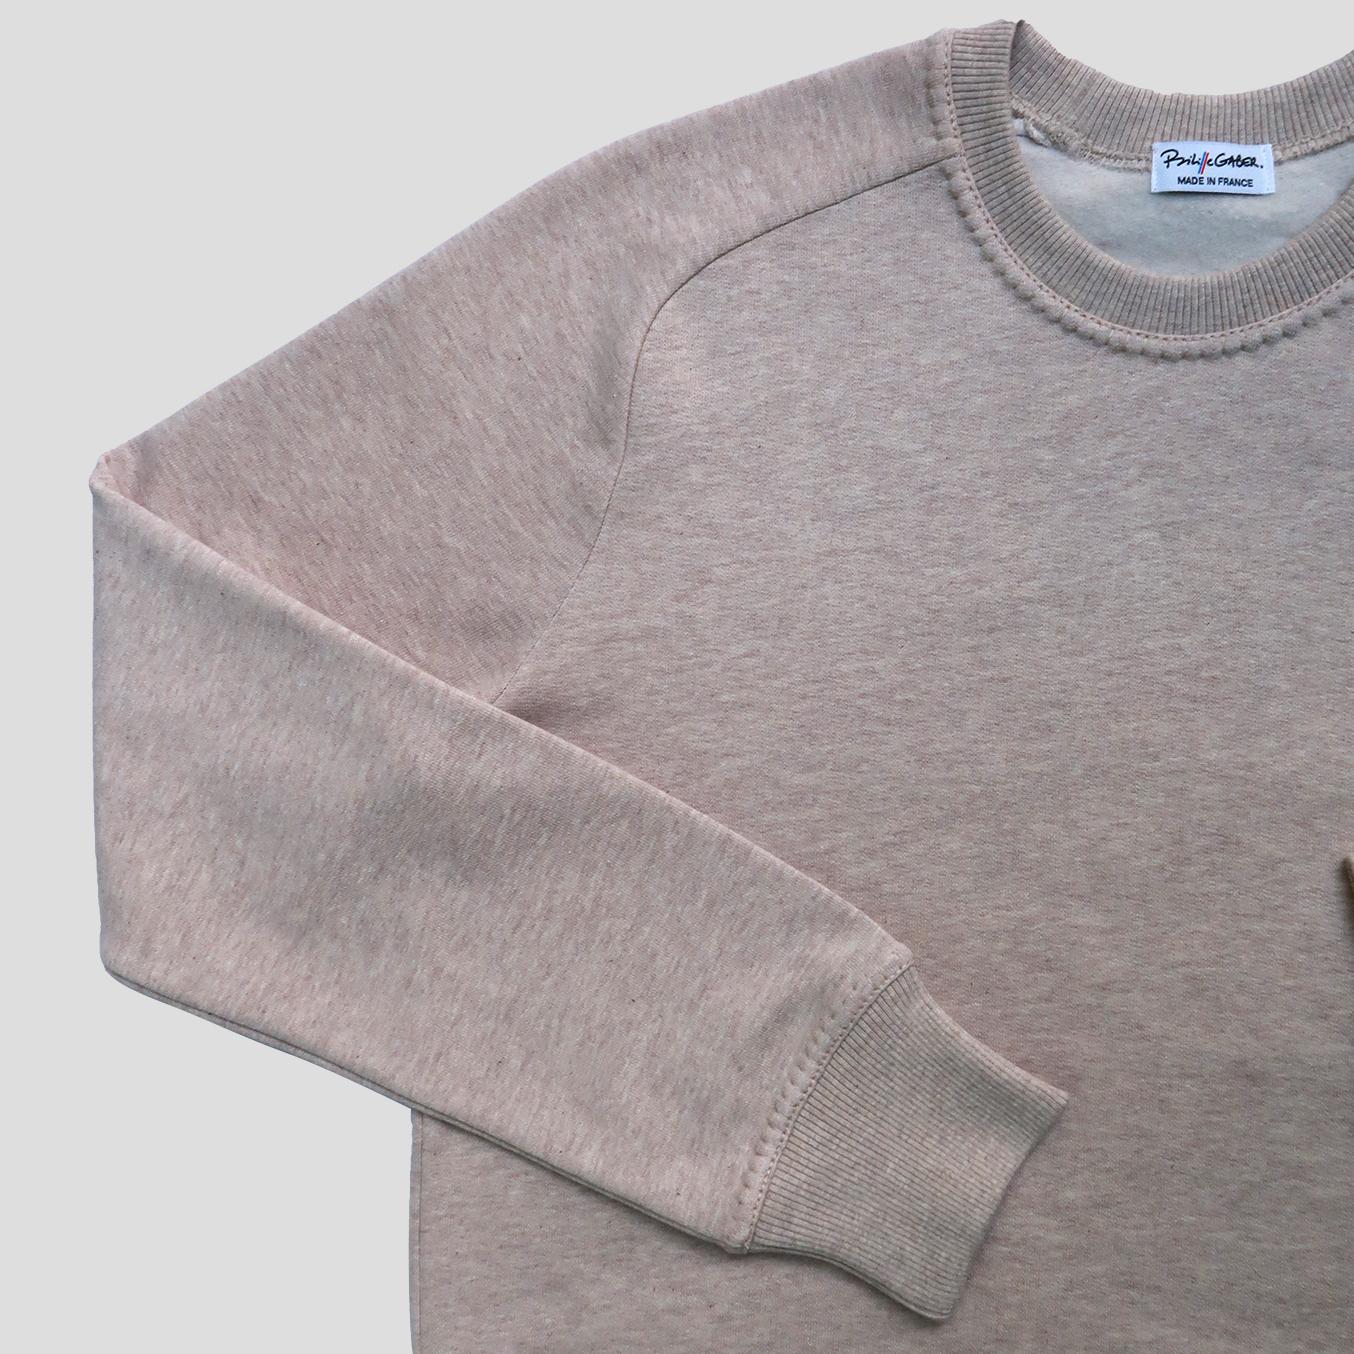 sweat-shirt Made in France et bio, fabriqué à Paris par PhilippeGaber qui propose depuis 2009 des Sweat-shirts bio homme et femme dans un coton biologique certifié Gots